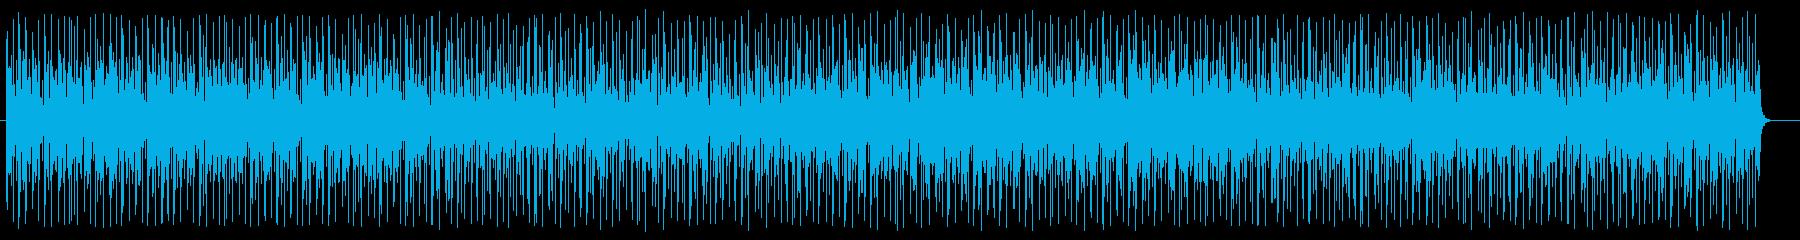 小気味良いデジタルサウンドのポップスの再生済みの波形